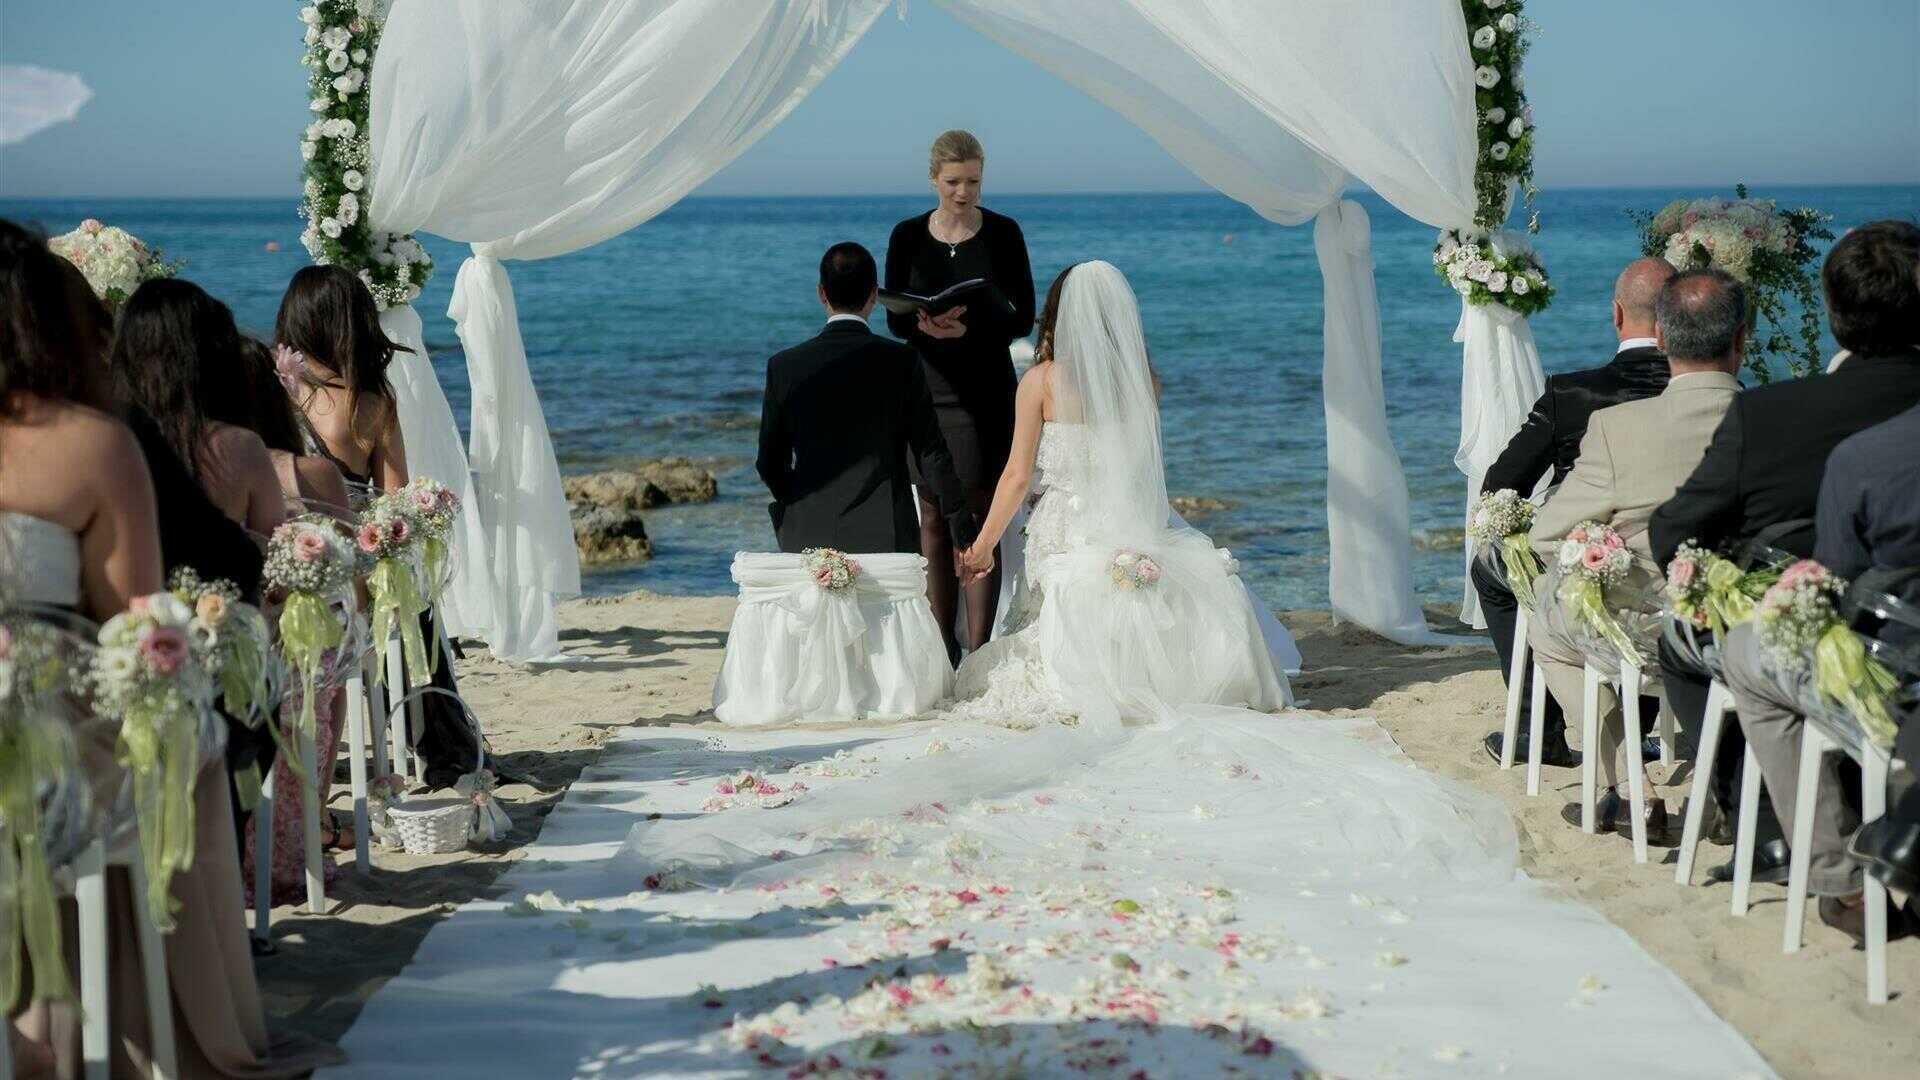 Matrimonio Spiaggia Brindisi : Location per matrimoni a brindisi le migliori del